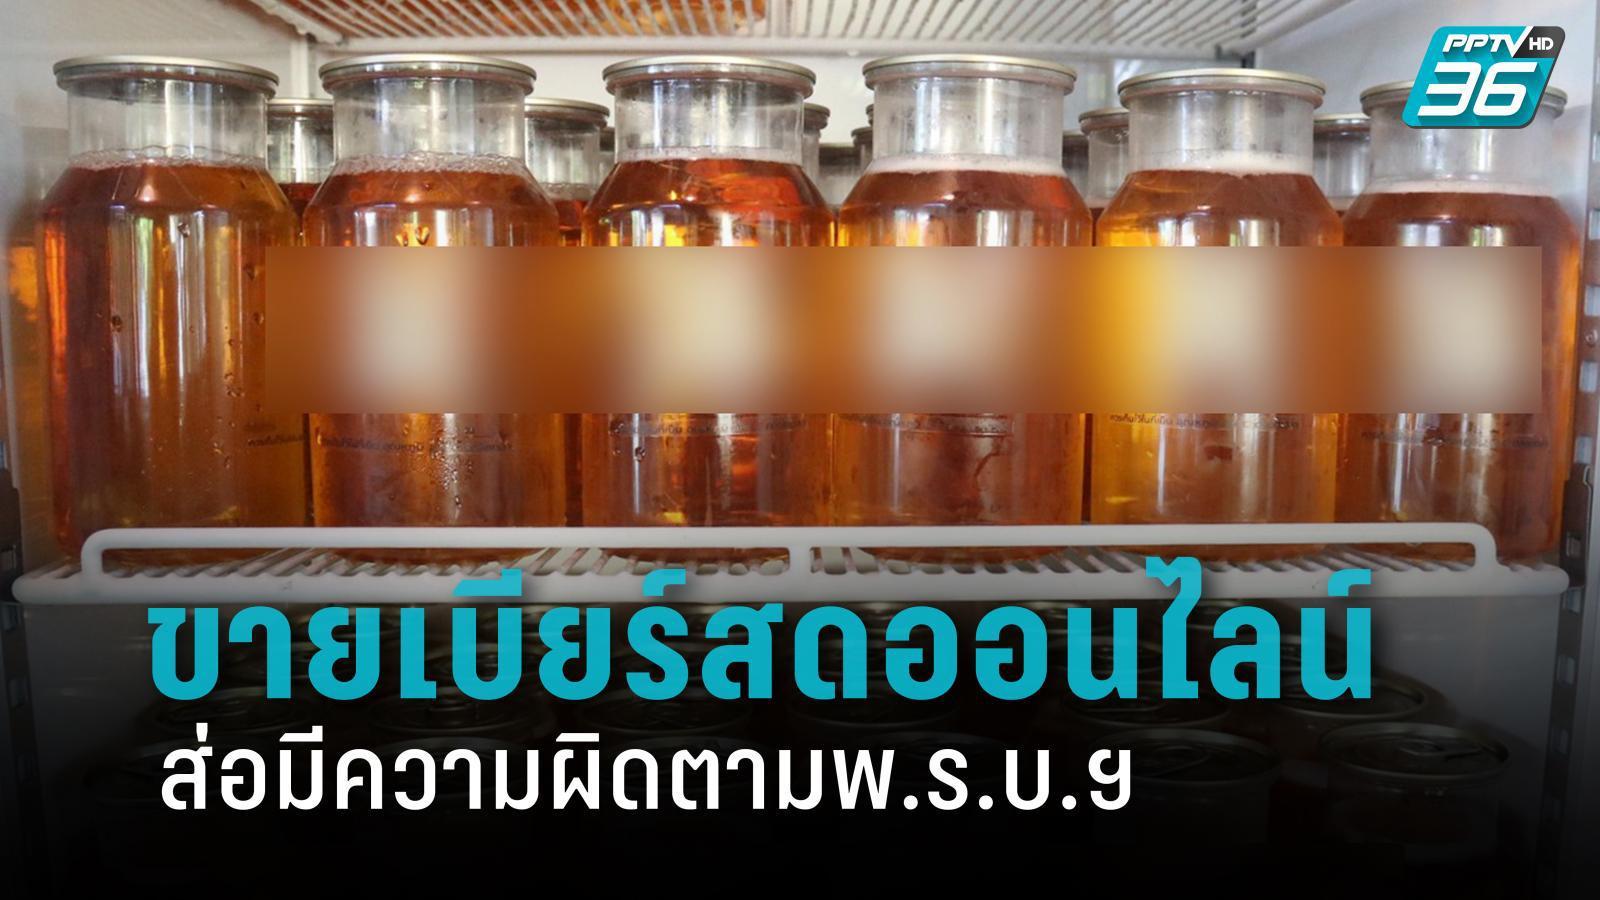 ขายเบียร์สดออนไลน์ ส่อผิด พ.ร.บ.ควบคุมเครื่องดื่มแอลกอฮอล์